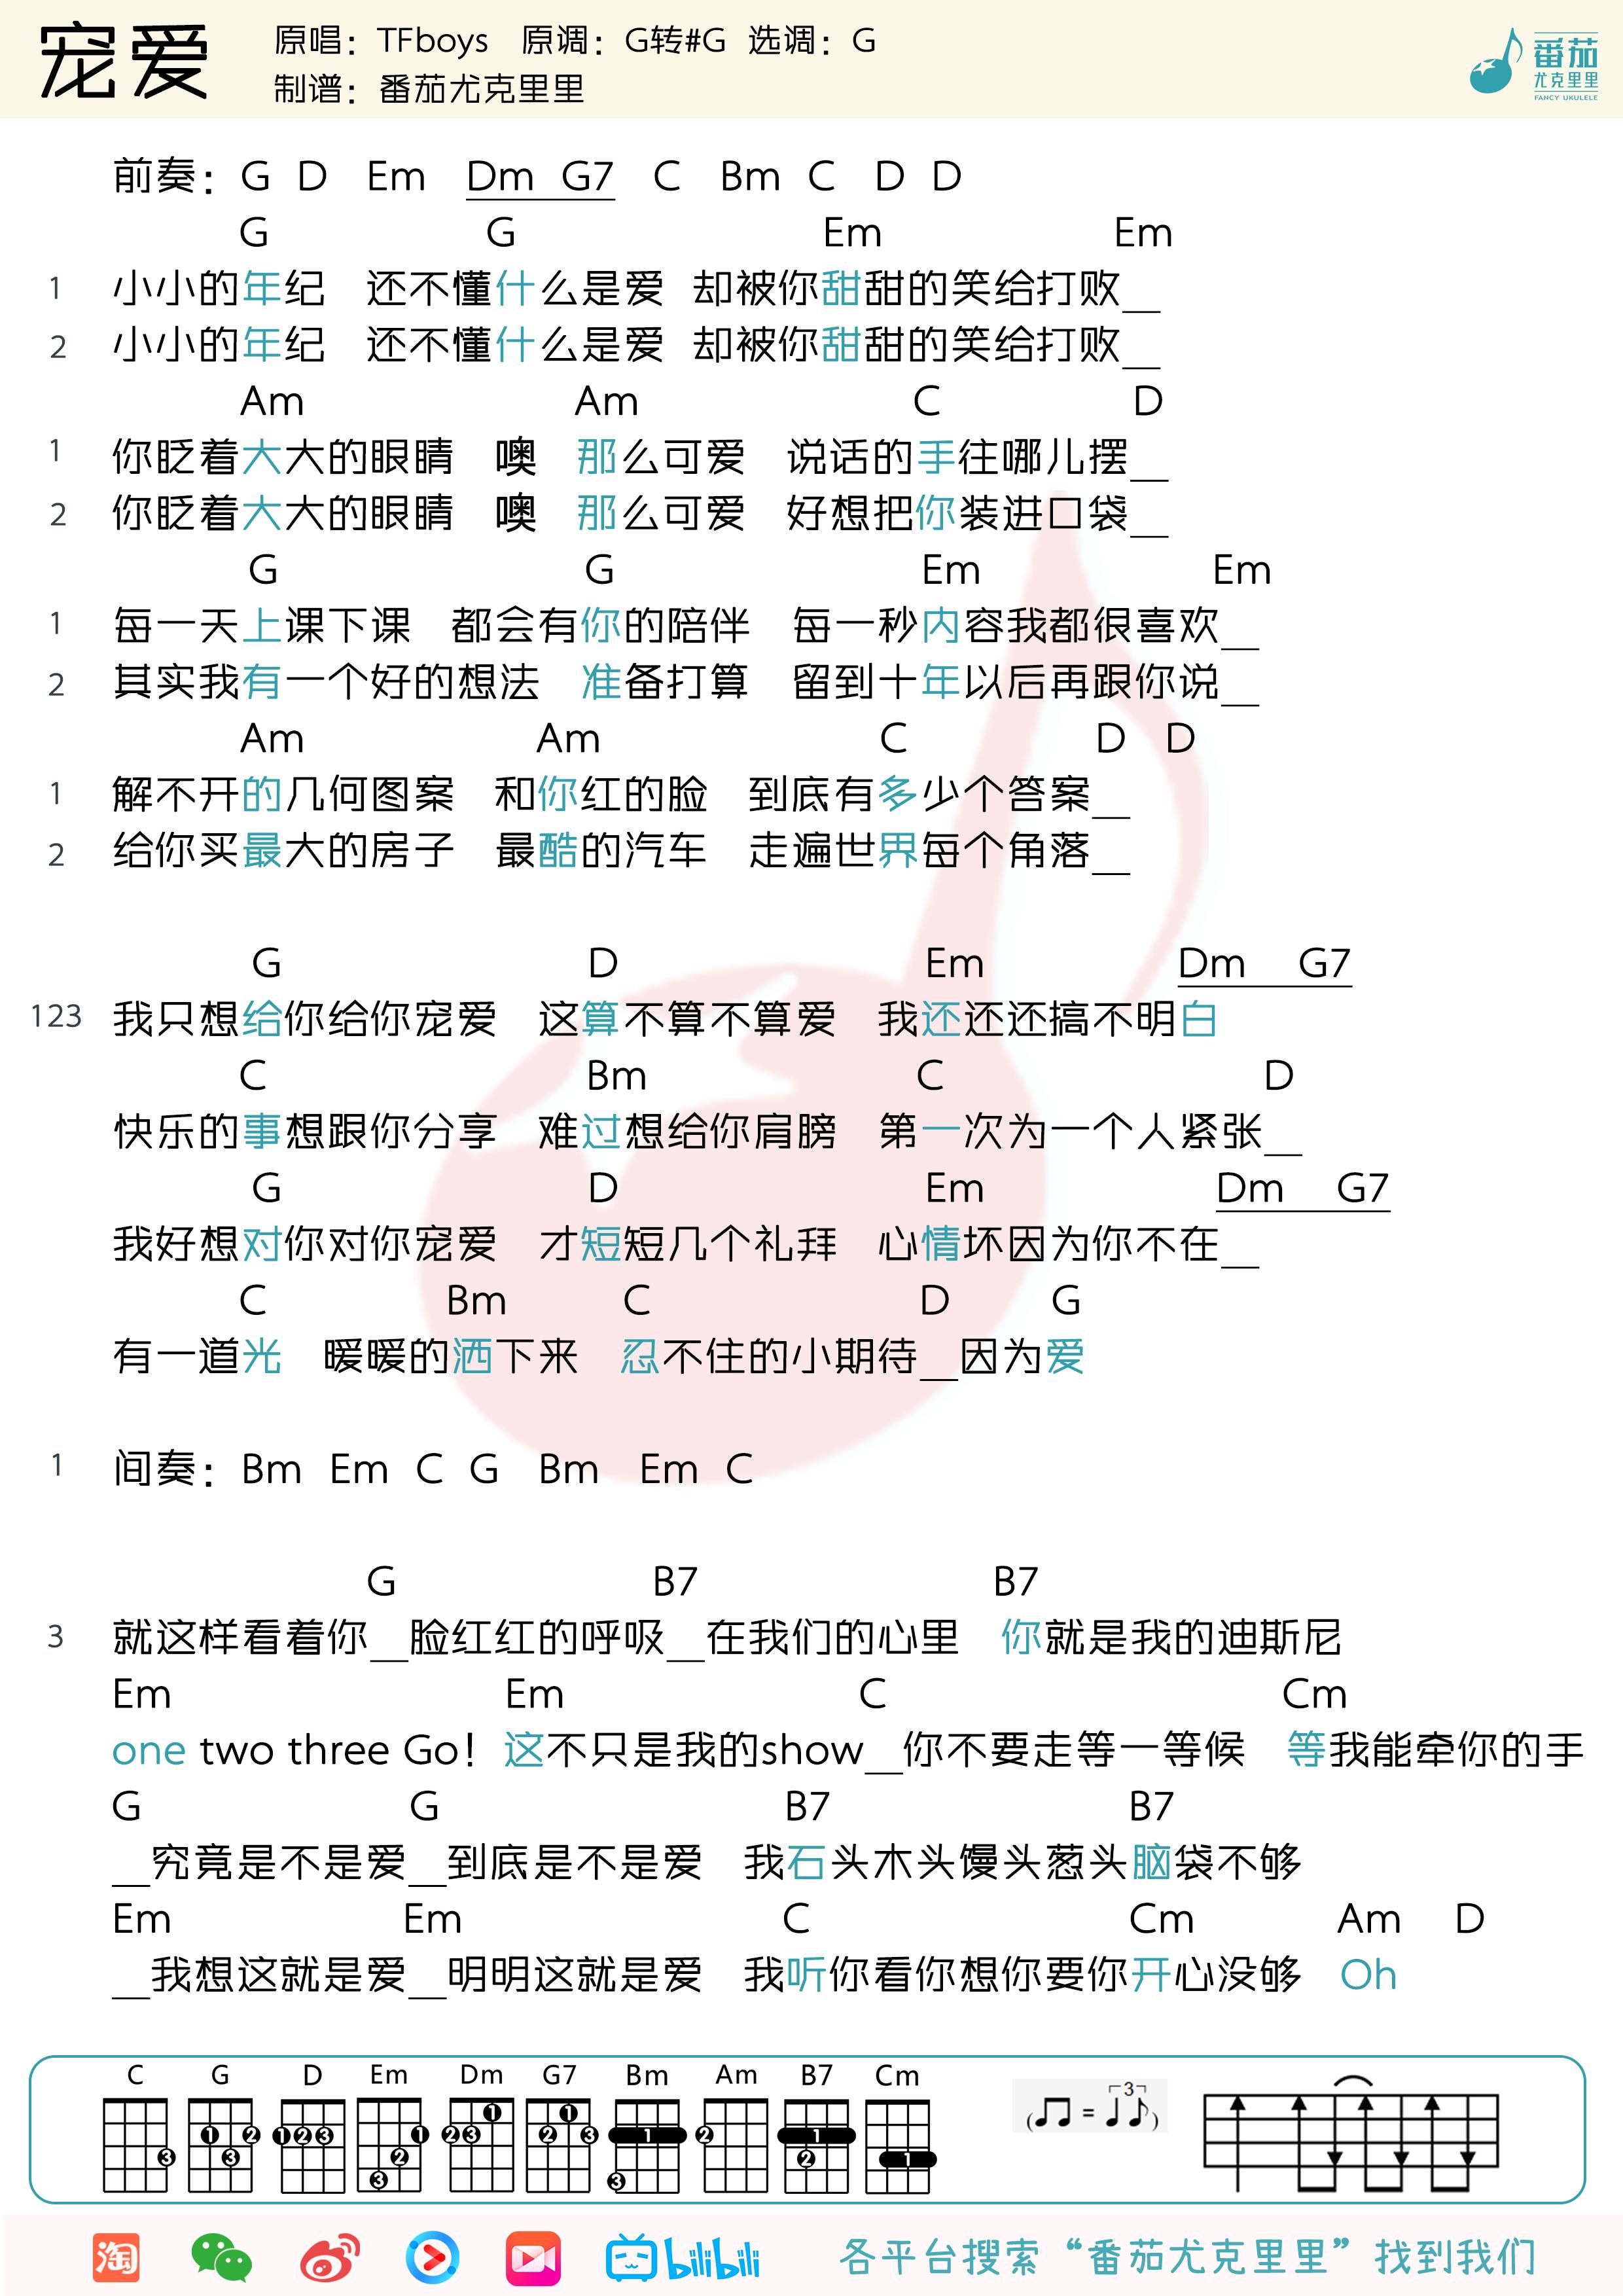 《宠爱》尤克里里弹唱曲谱-TFboys-C大调音乐网